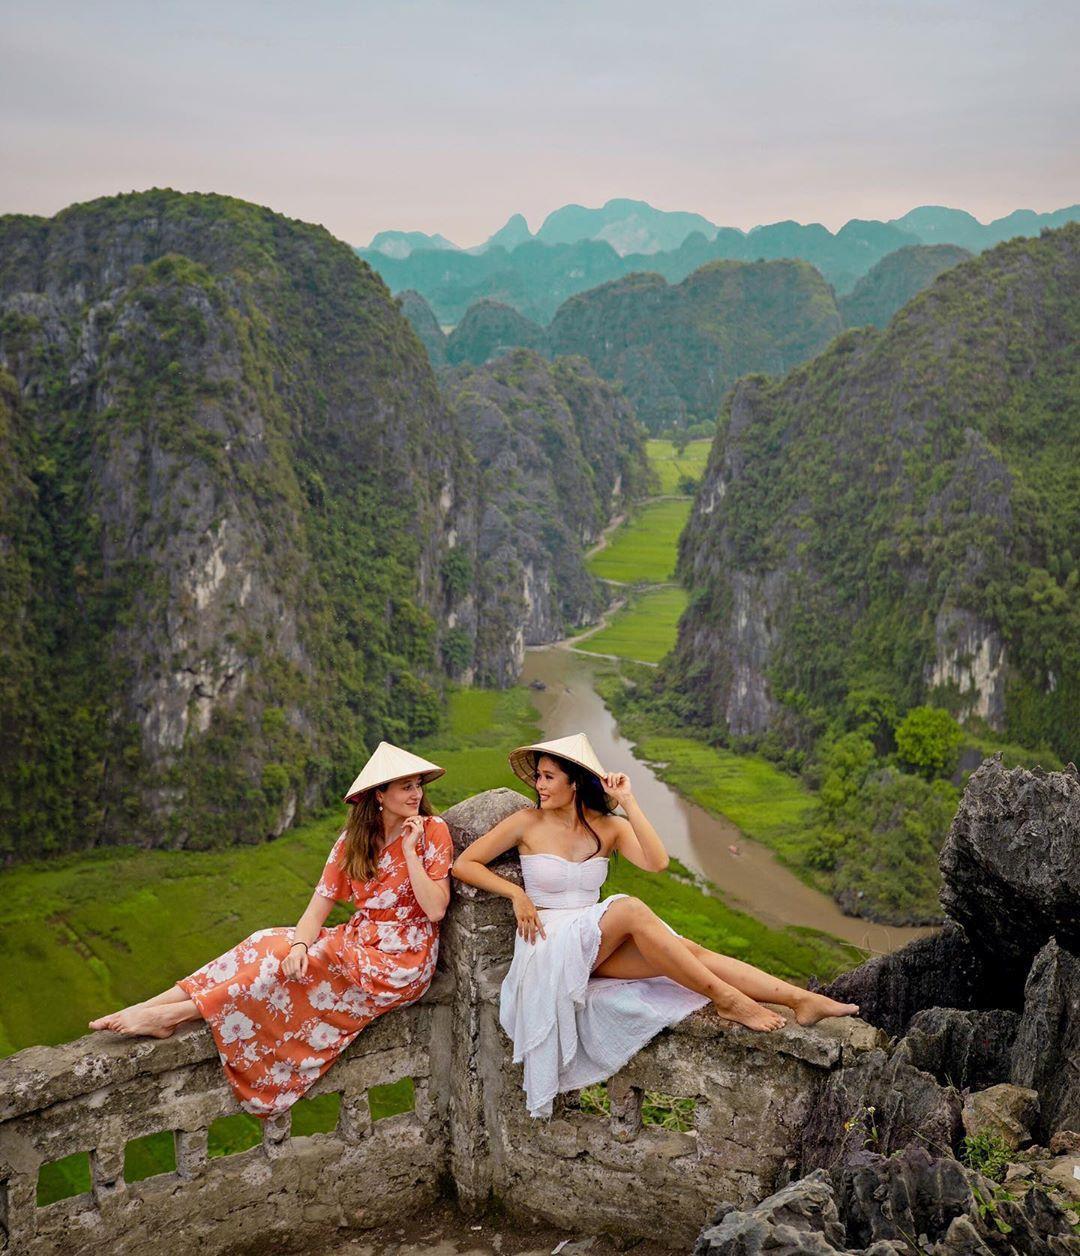 Dọc miền đất nước khám phá cảnh đẹp Ninh Bình, Huế, Đà Lạt Ảnh 3